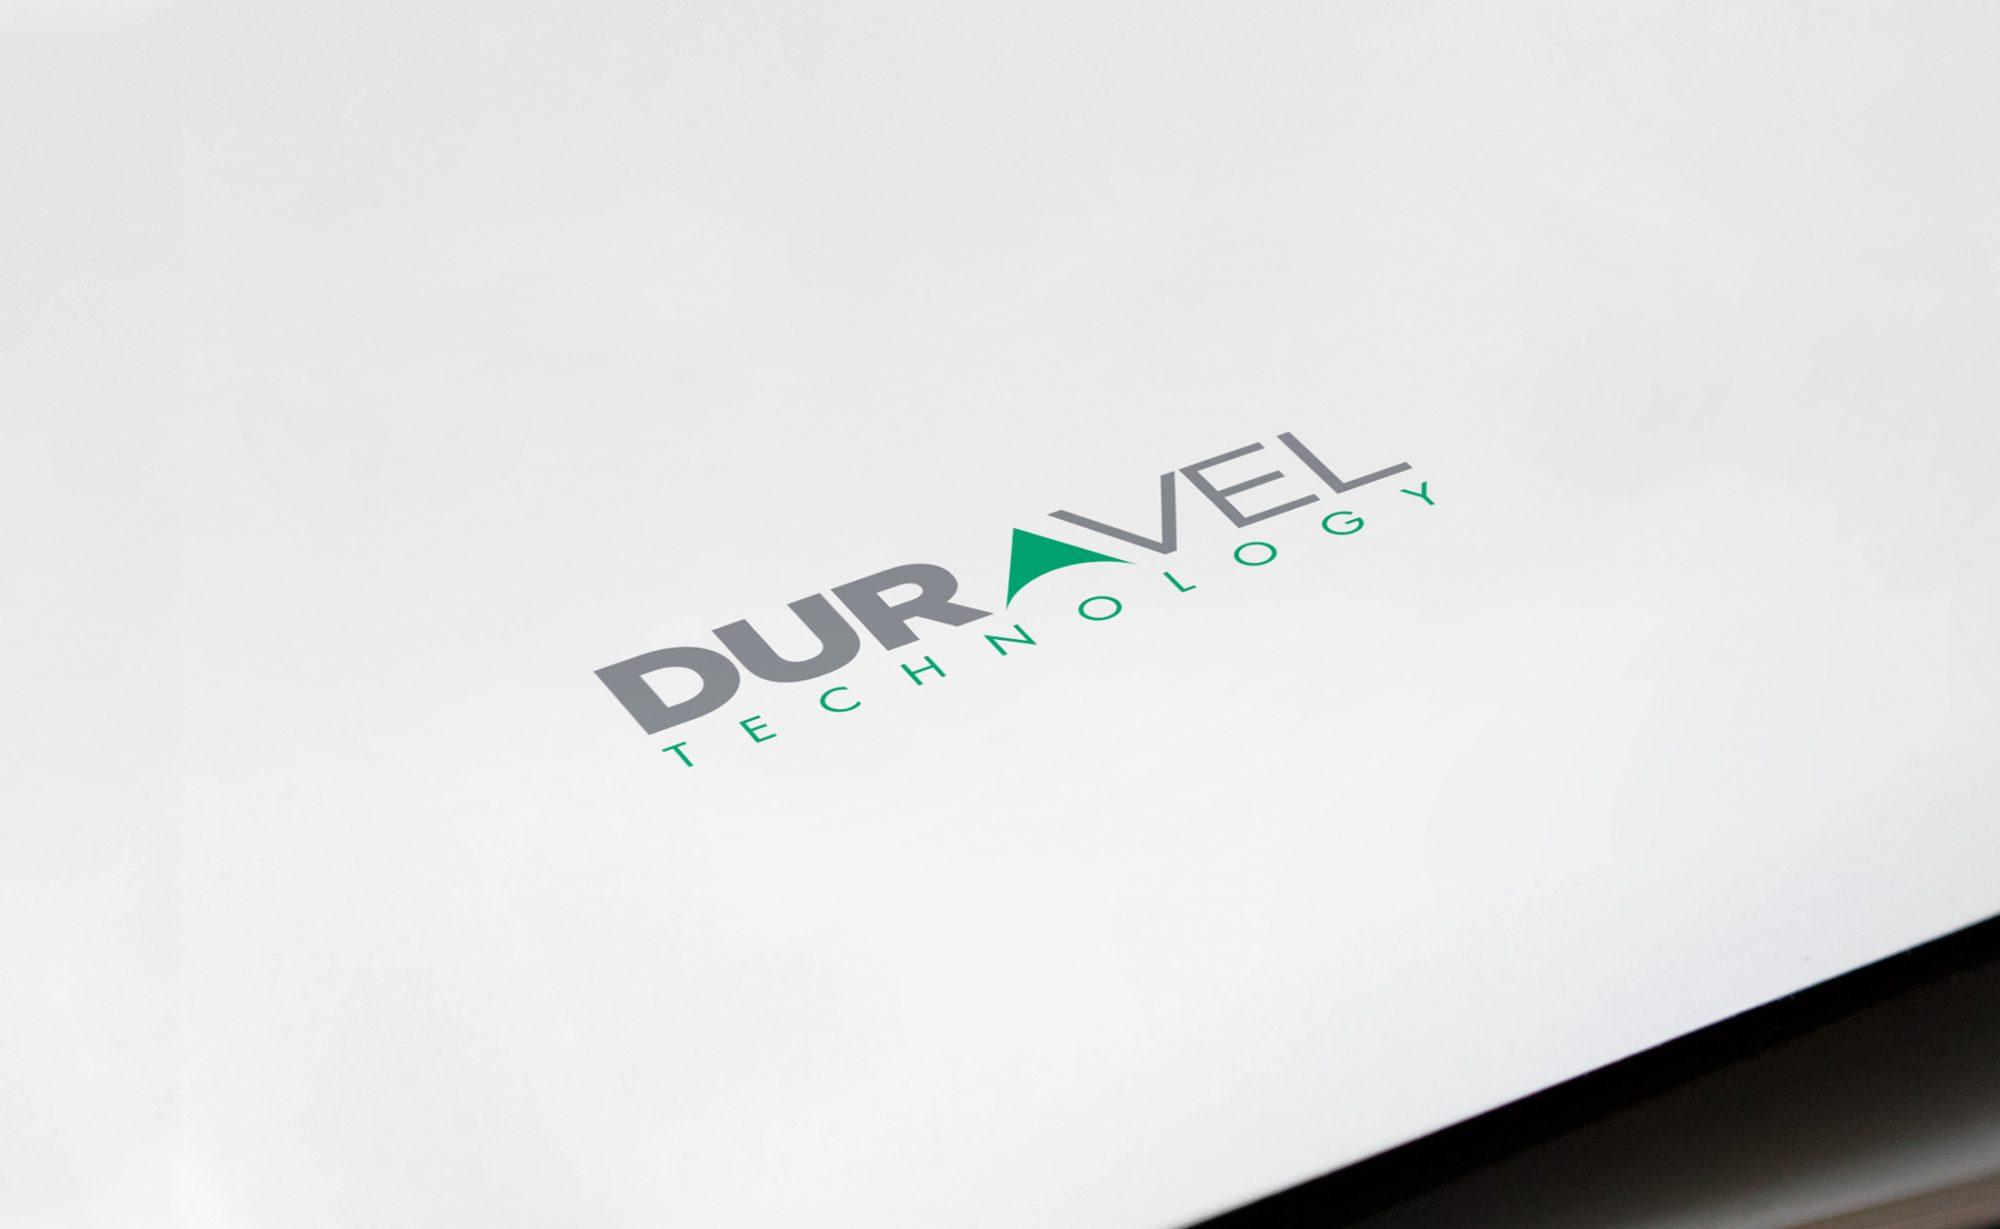 01_duravel_producto_empaque_logotipo_embajaje_impresion_agencia_publicidad_marcaguadalajarab